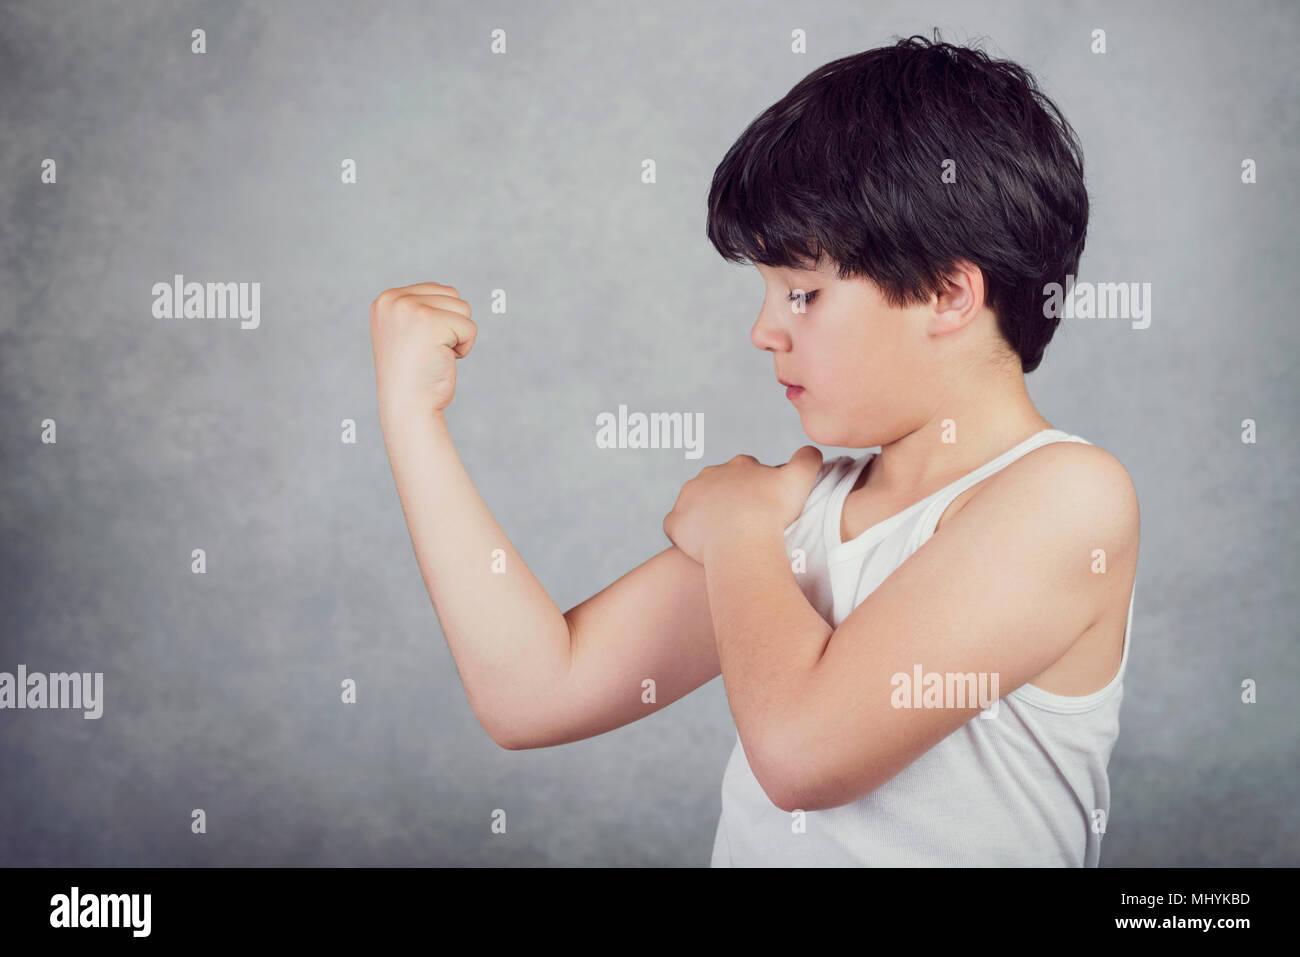 Kid che mostra i suoi muscoli su sfondo grigio Immagini Stock